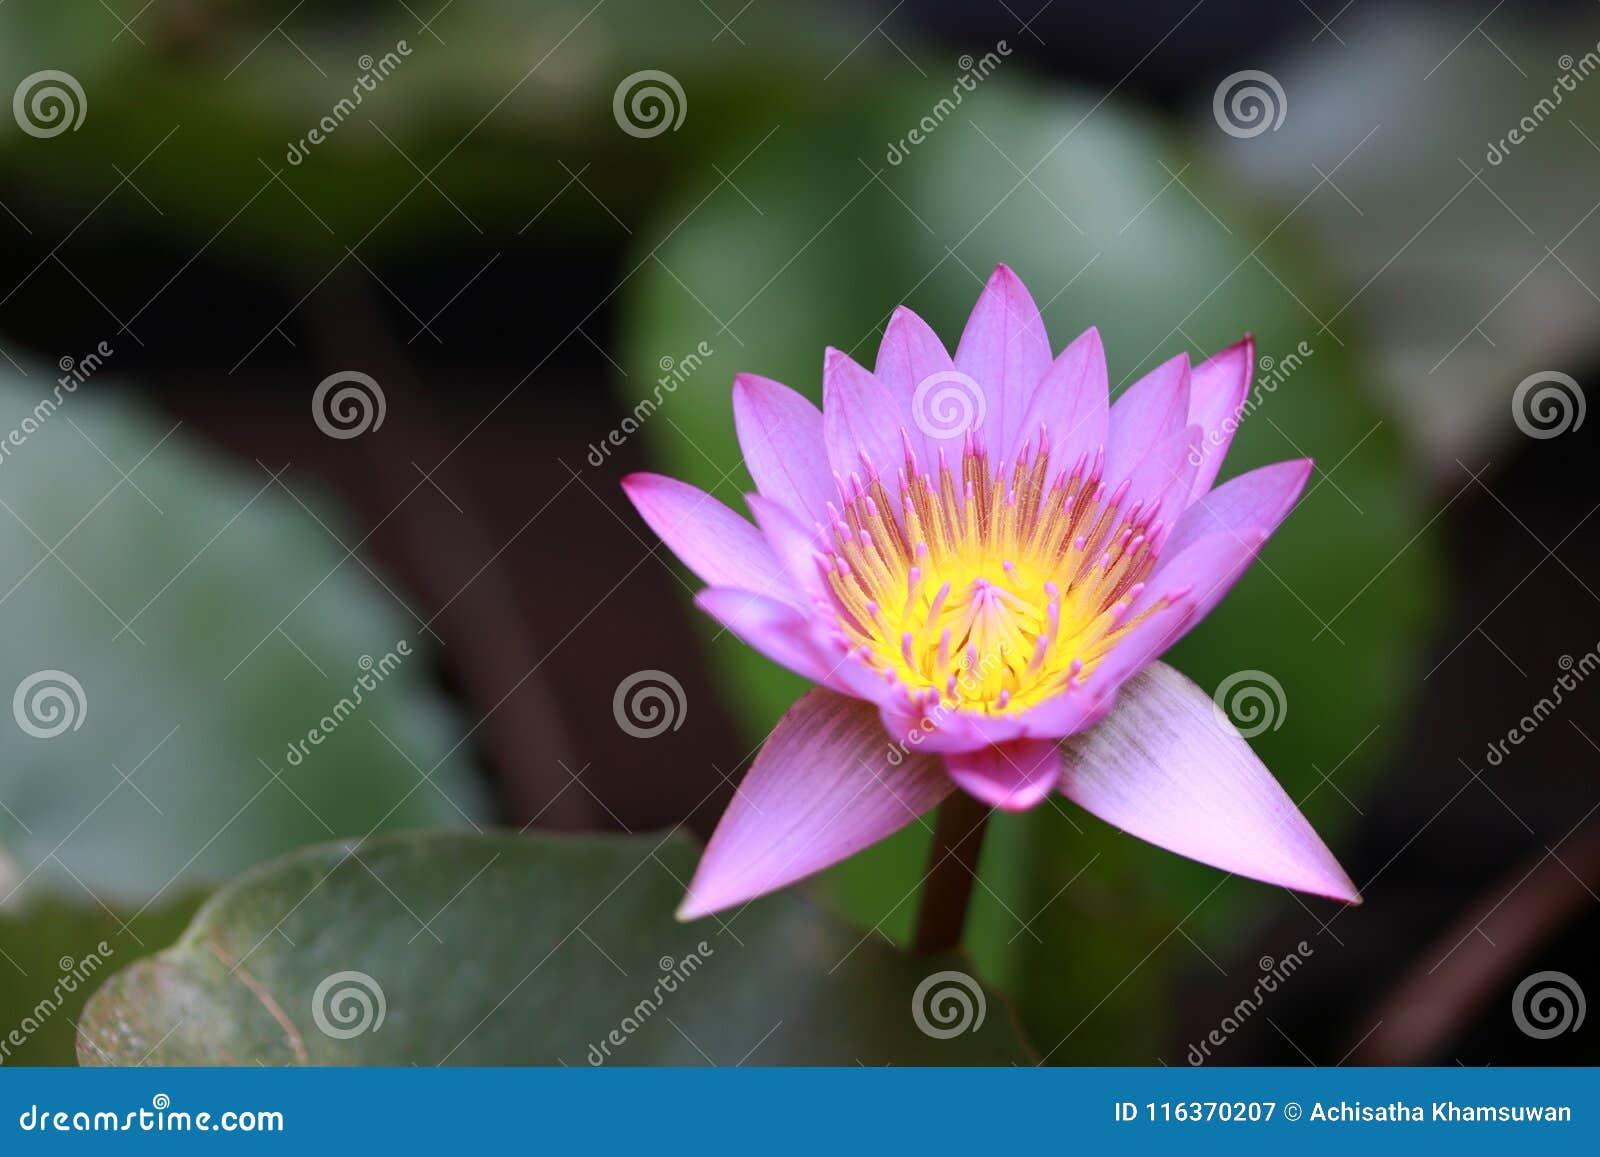 La fleur de lotus pourpre de fleur avec le pollen jaune et focalisent des feuilles de lotus